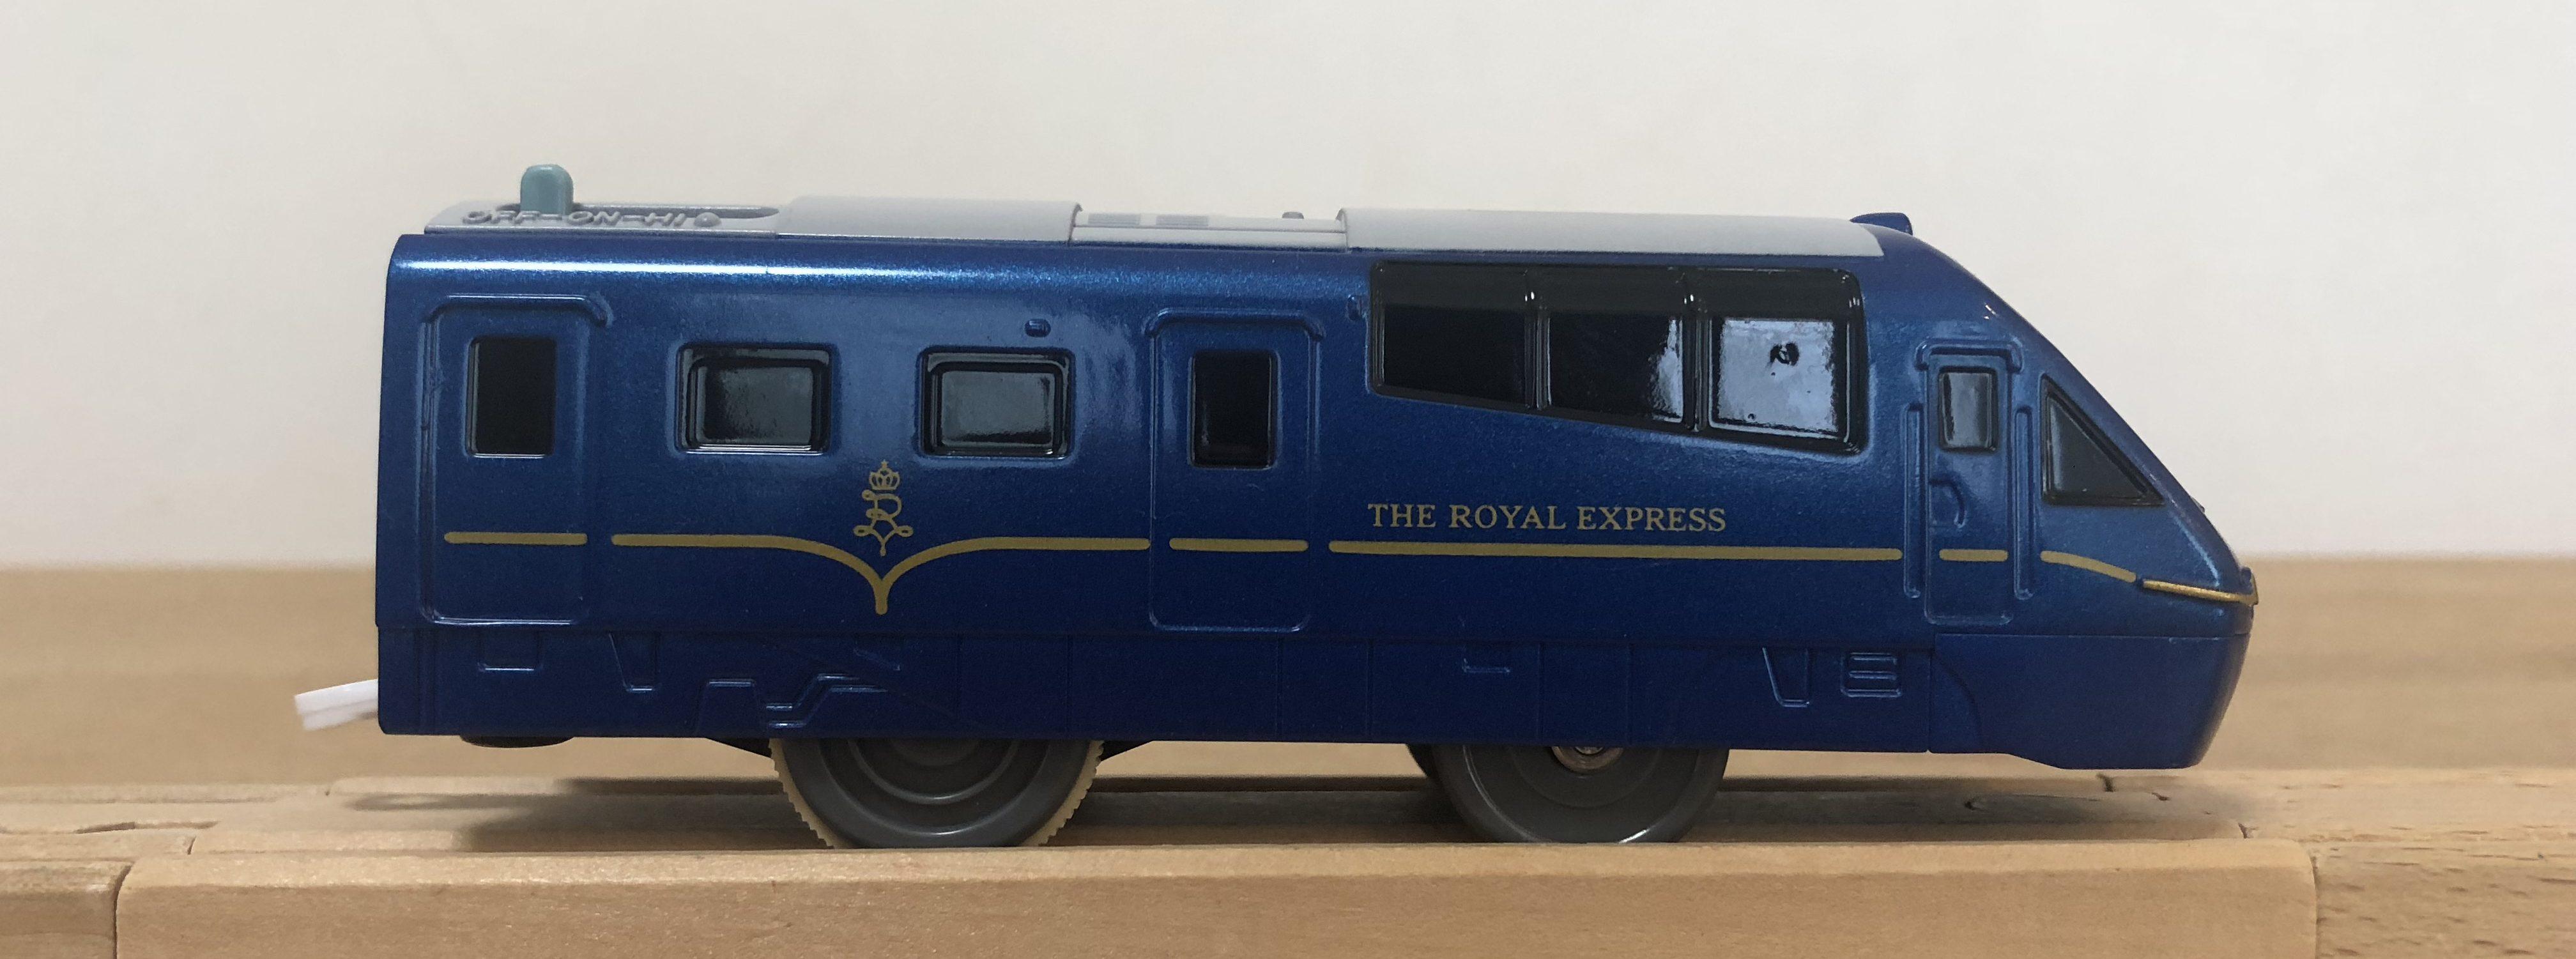 プラレール S-20 THE ROYAL EXPRESS(ザ・ロイヤルエクスプレス)